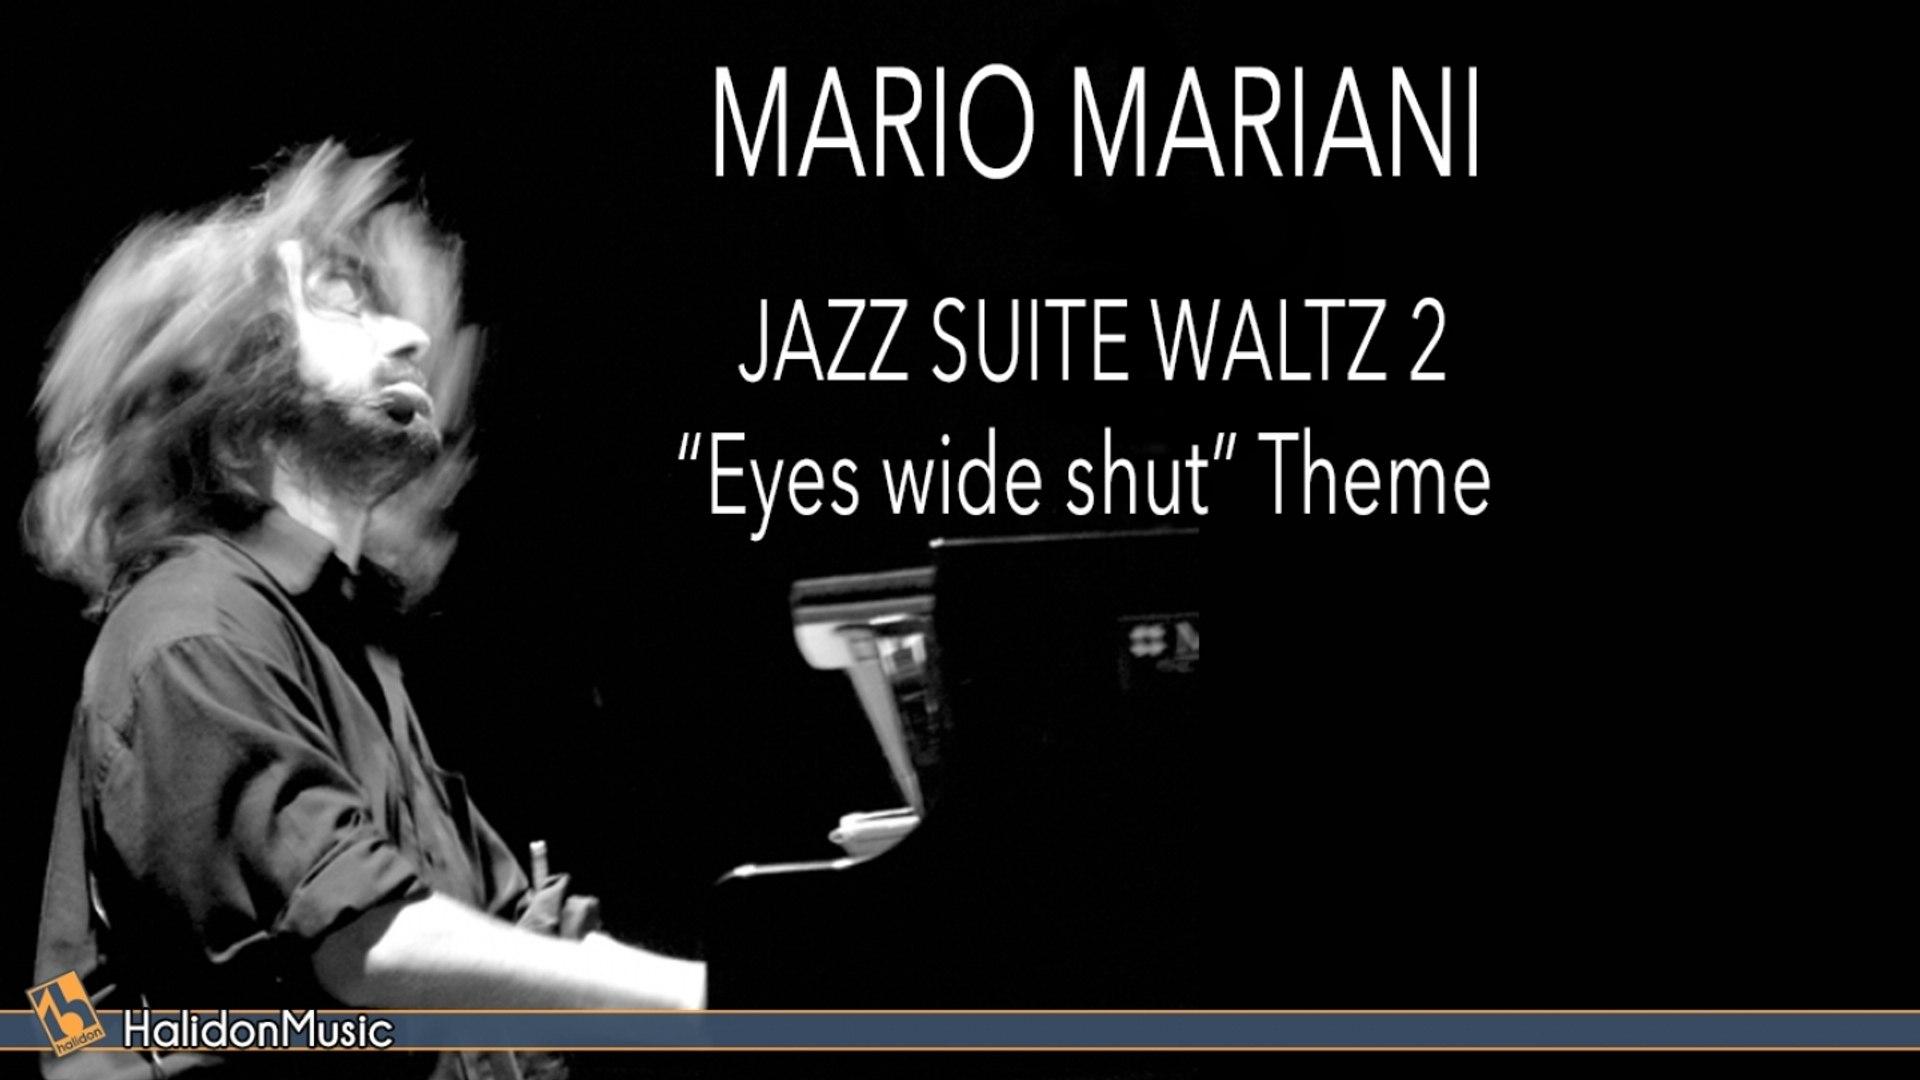 Mario Mariani - Jazz Suite No. 2: Waltz